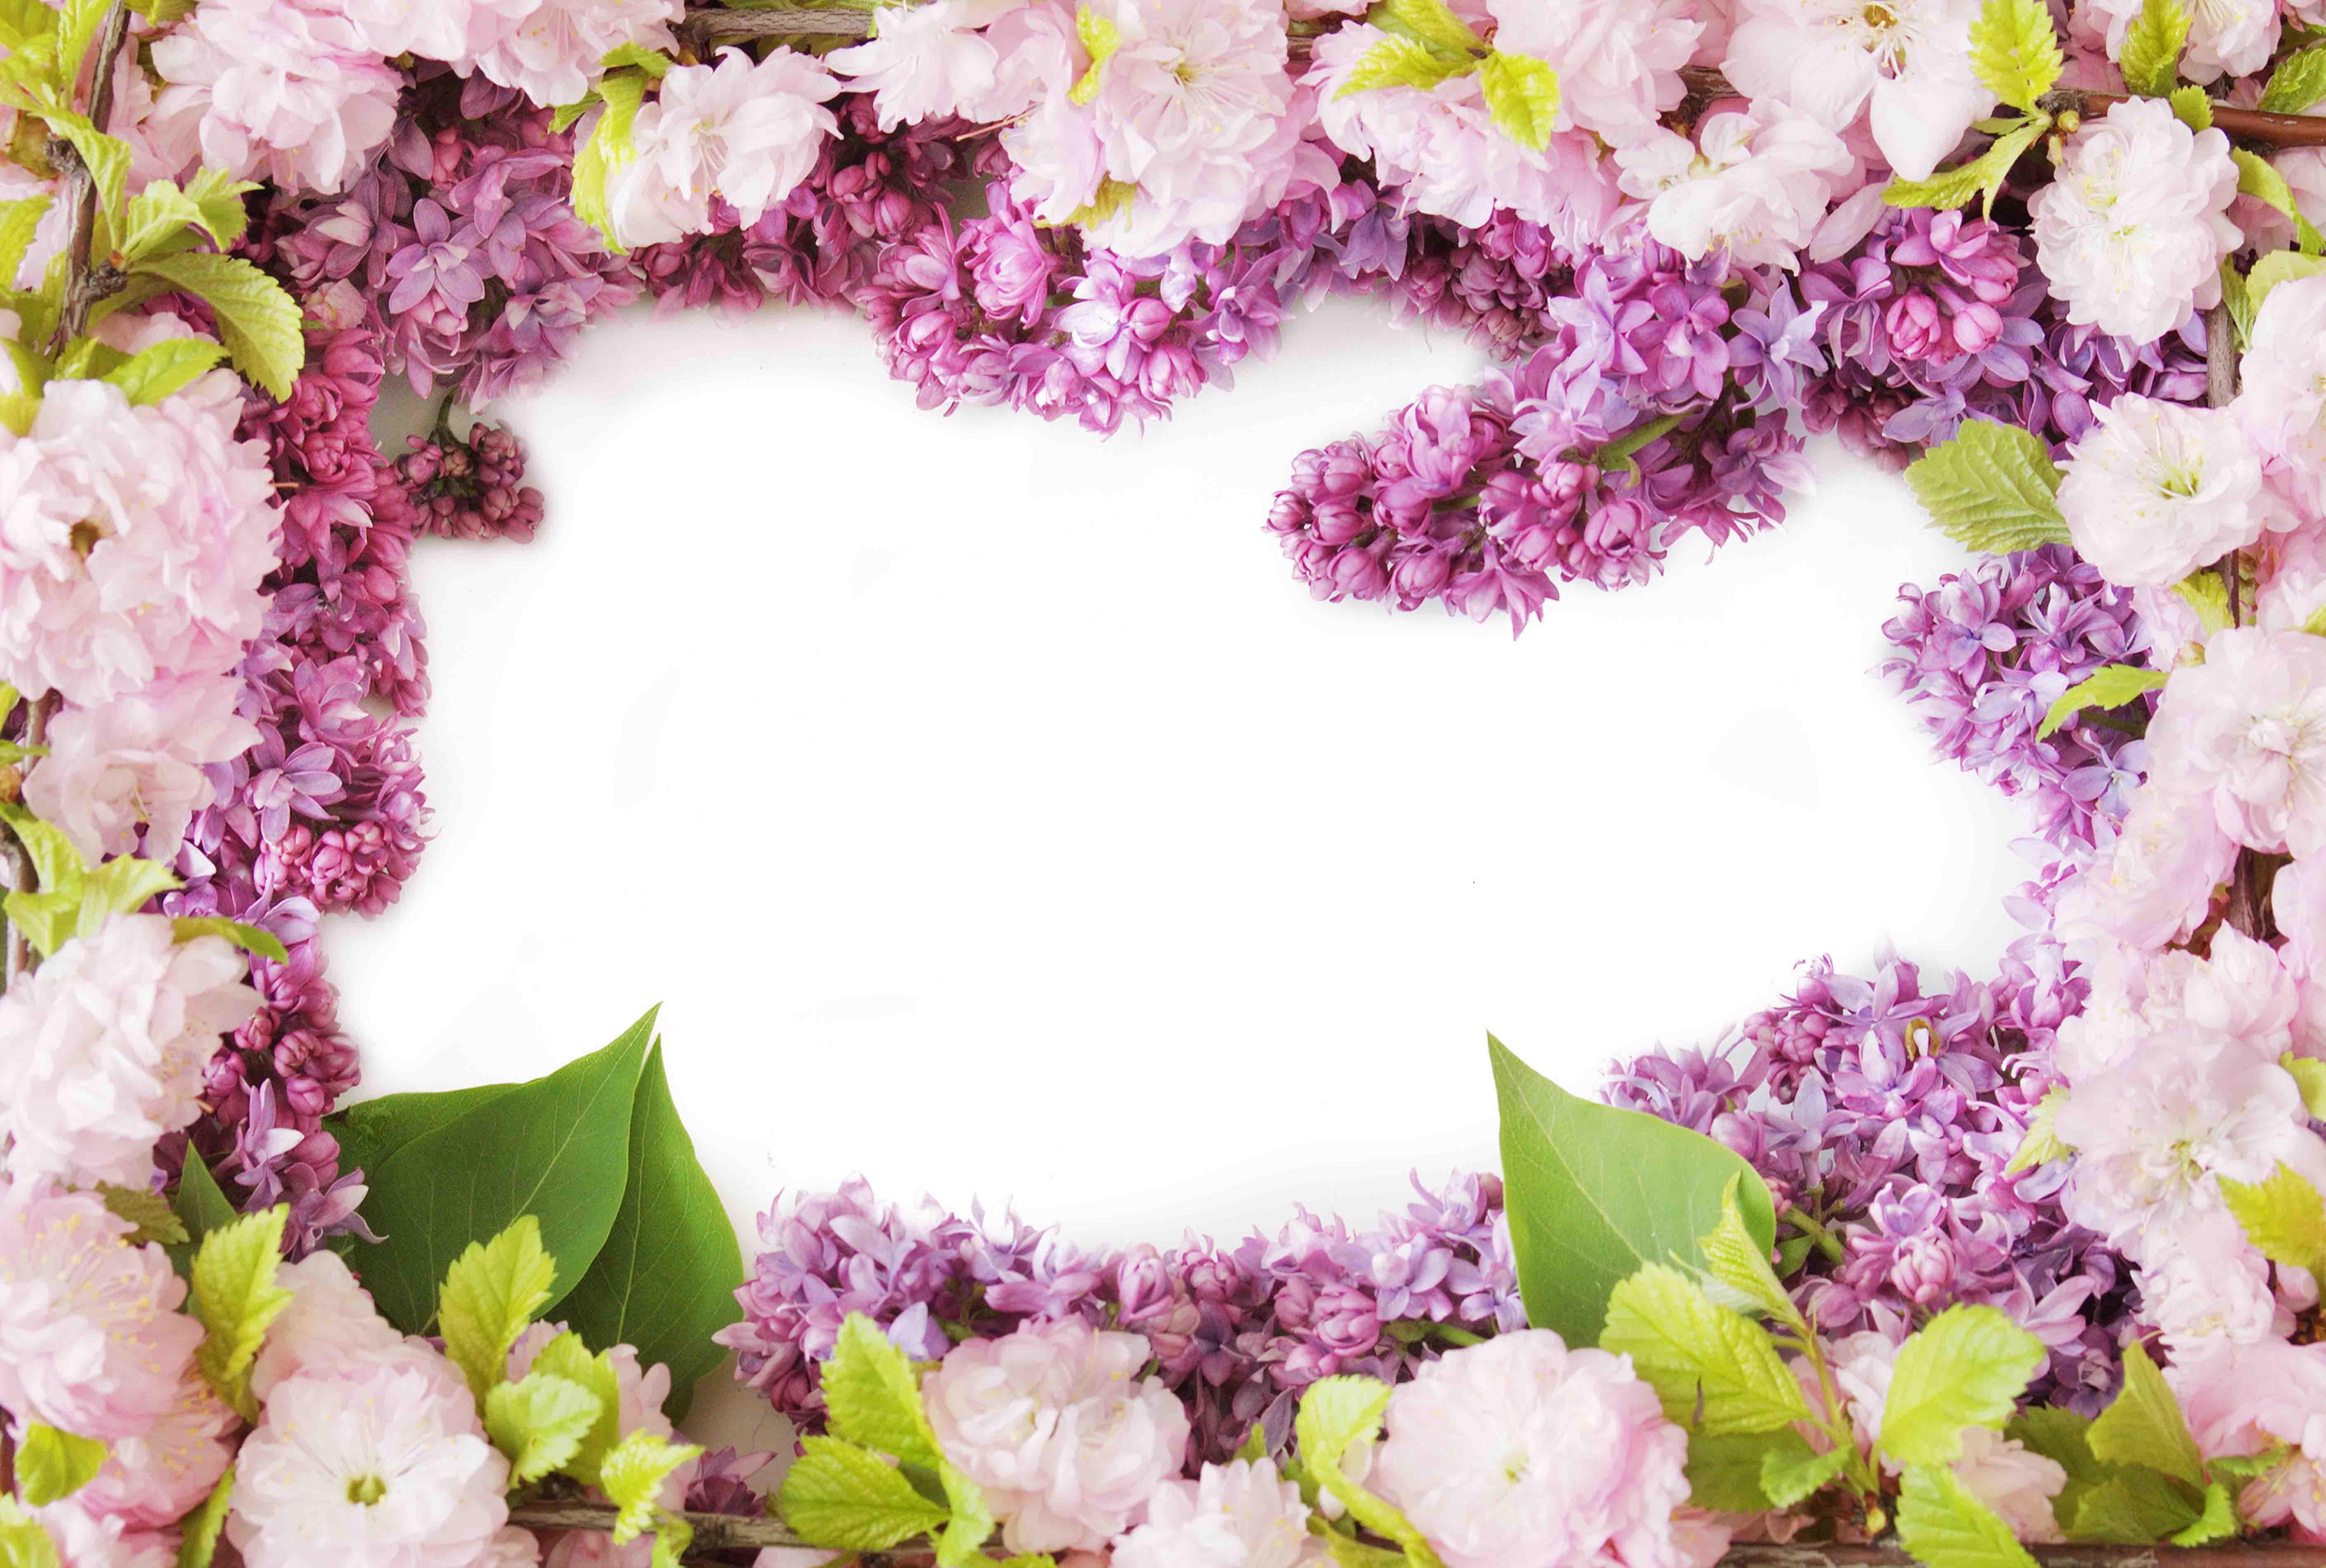 Картинки бухаем, картинка с рамкой из цветов